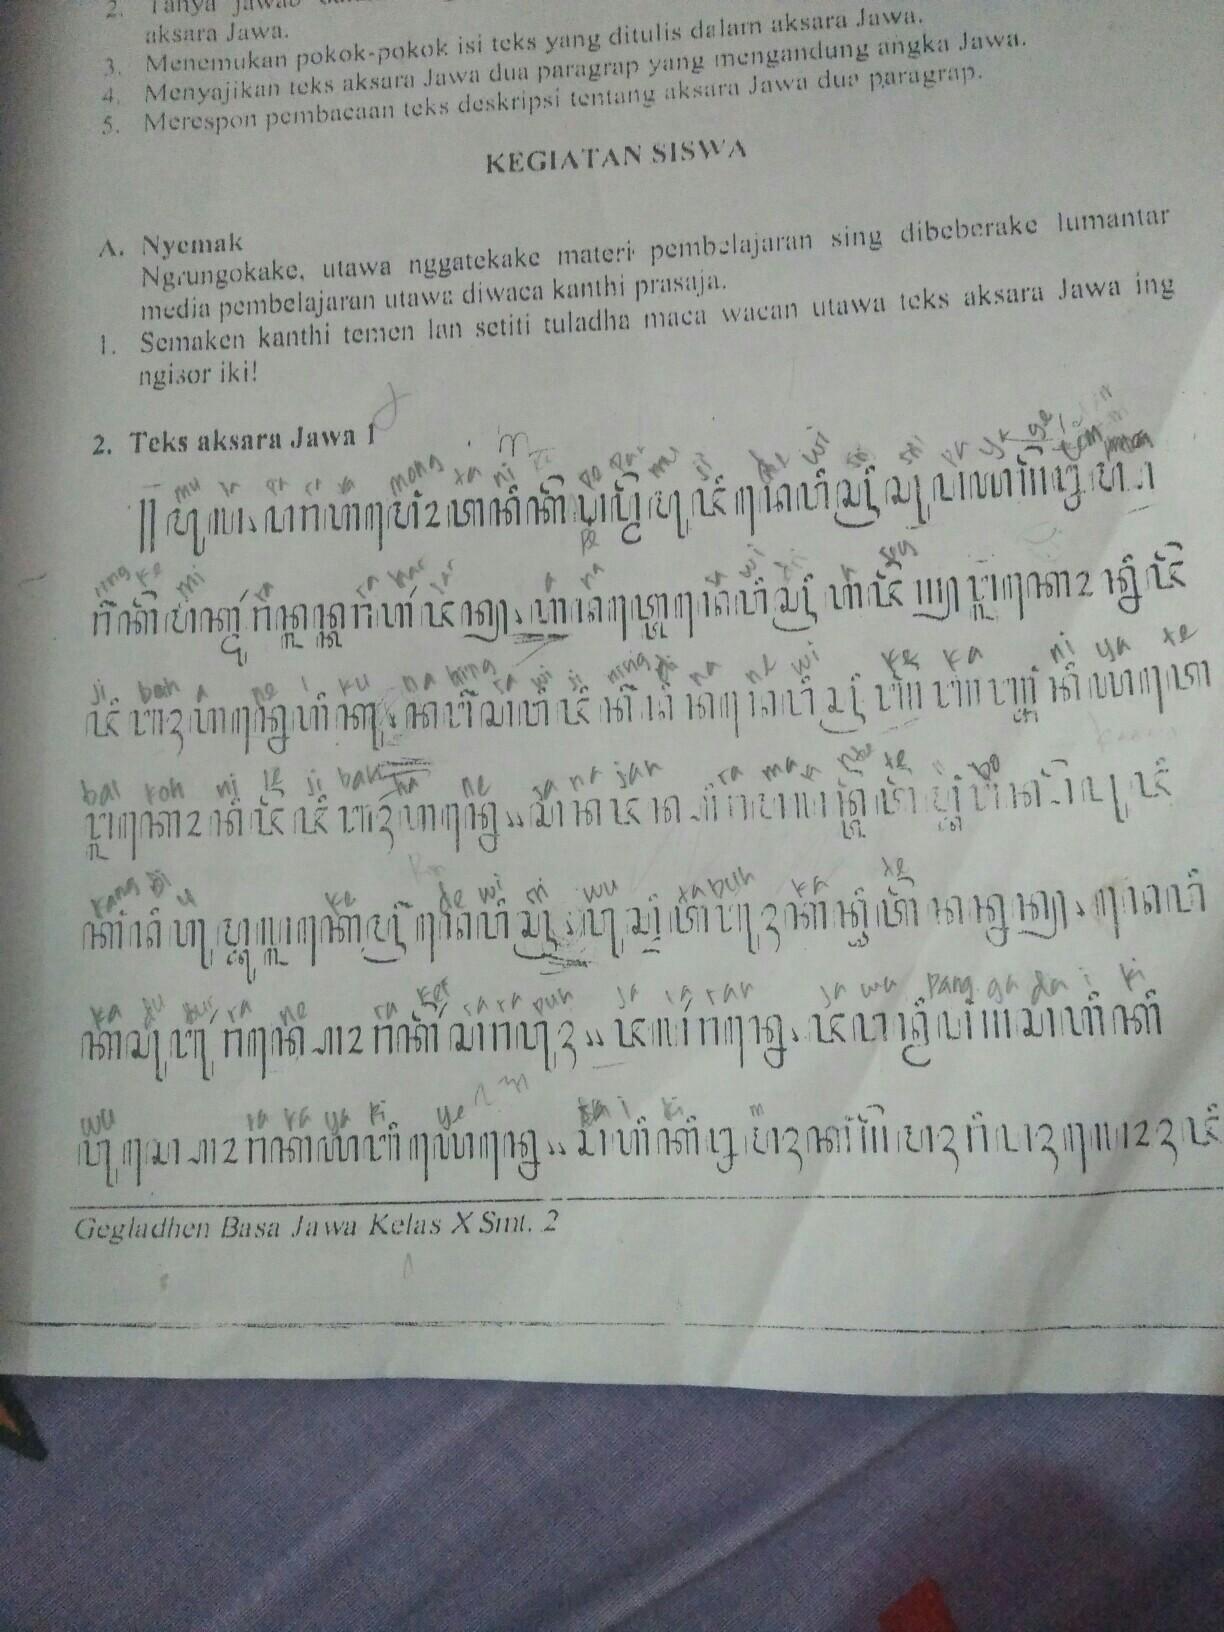 Tolong Bantu Nerjemahin Aksara Jawa Itu Dong Plis Brainly Co Id